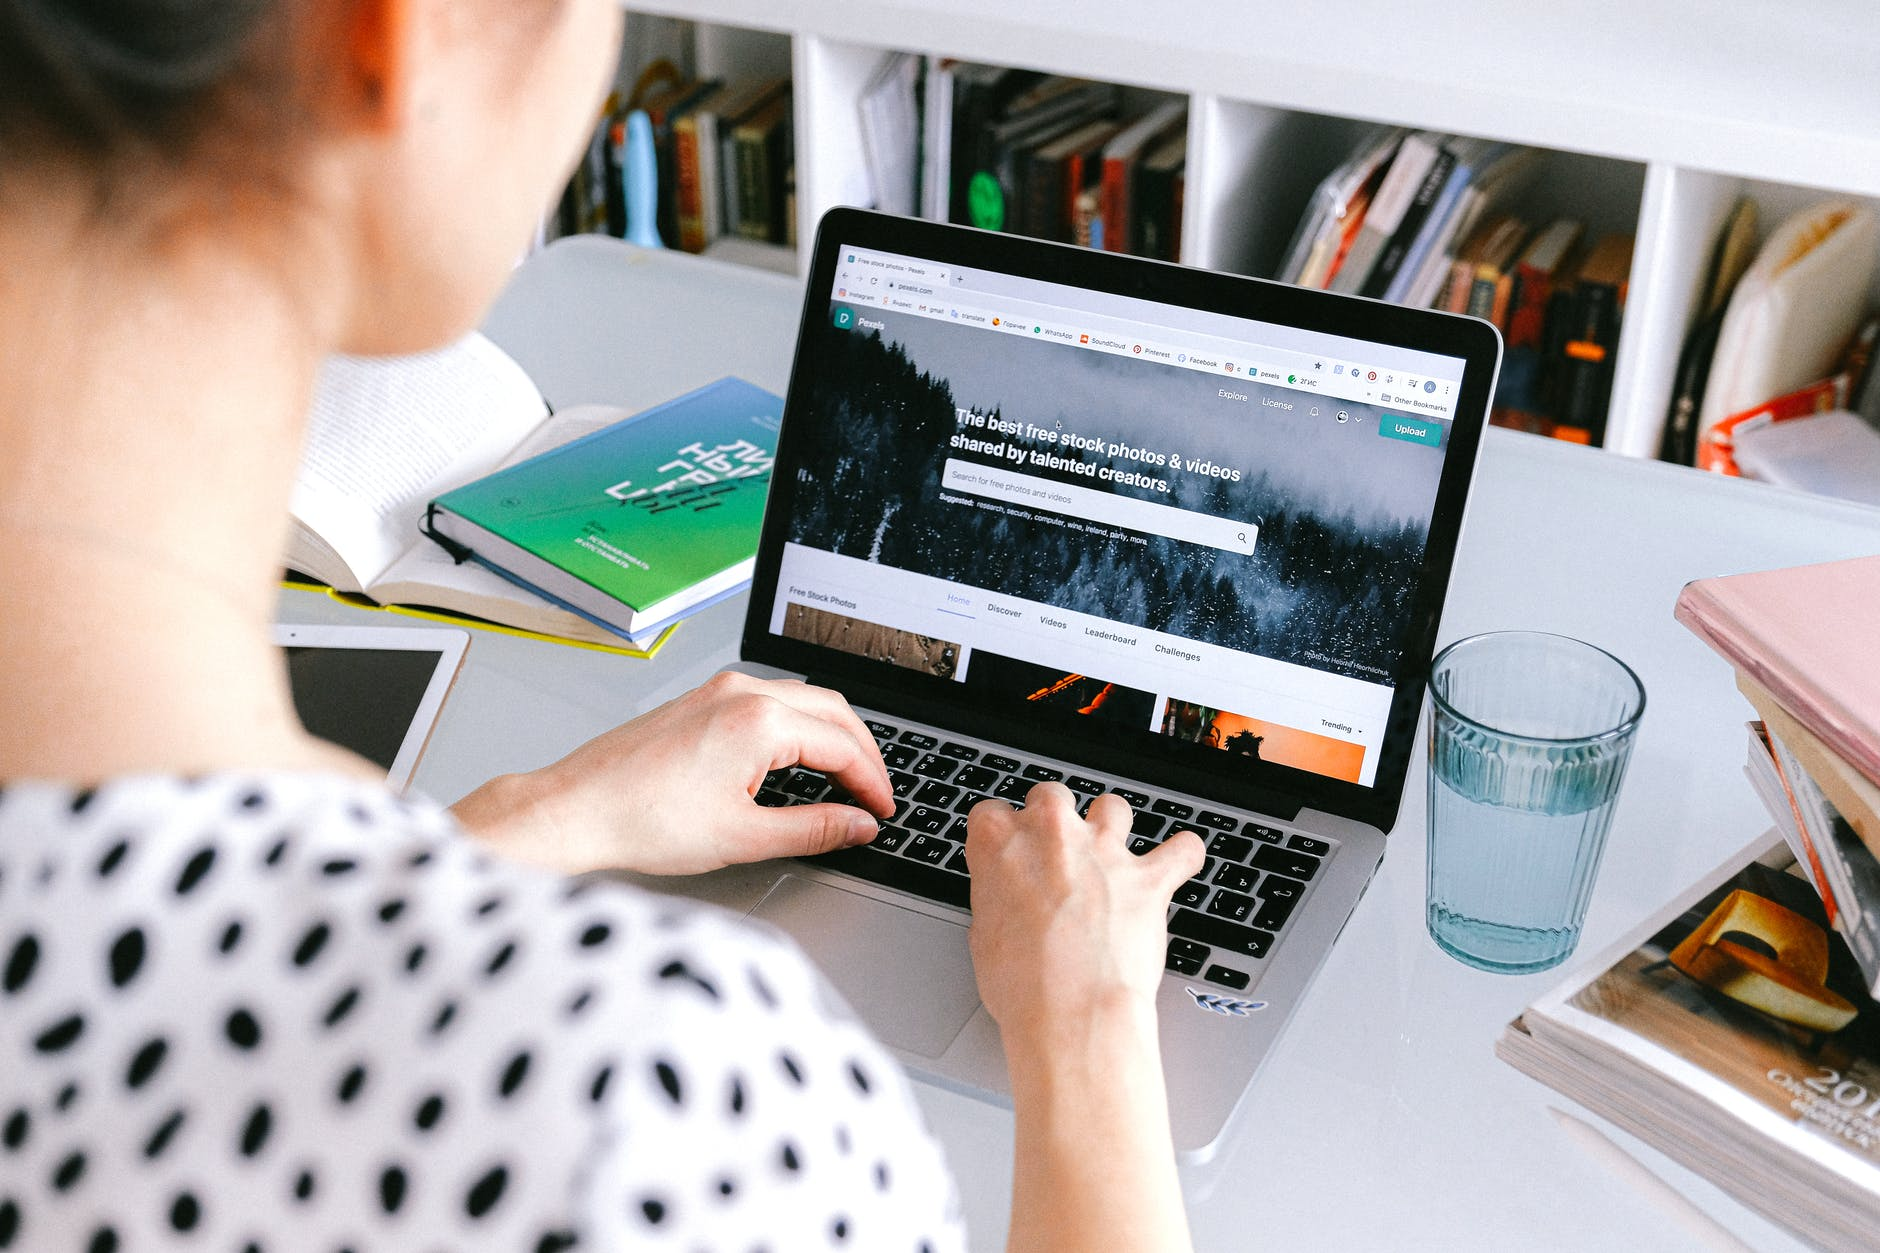 Ventana digital: Eidos y Microsoft enseñan gratis habilidades digitales